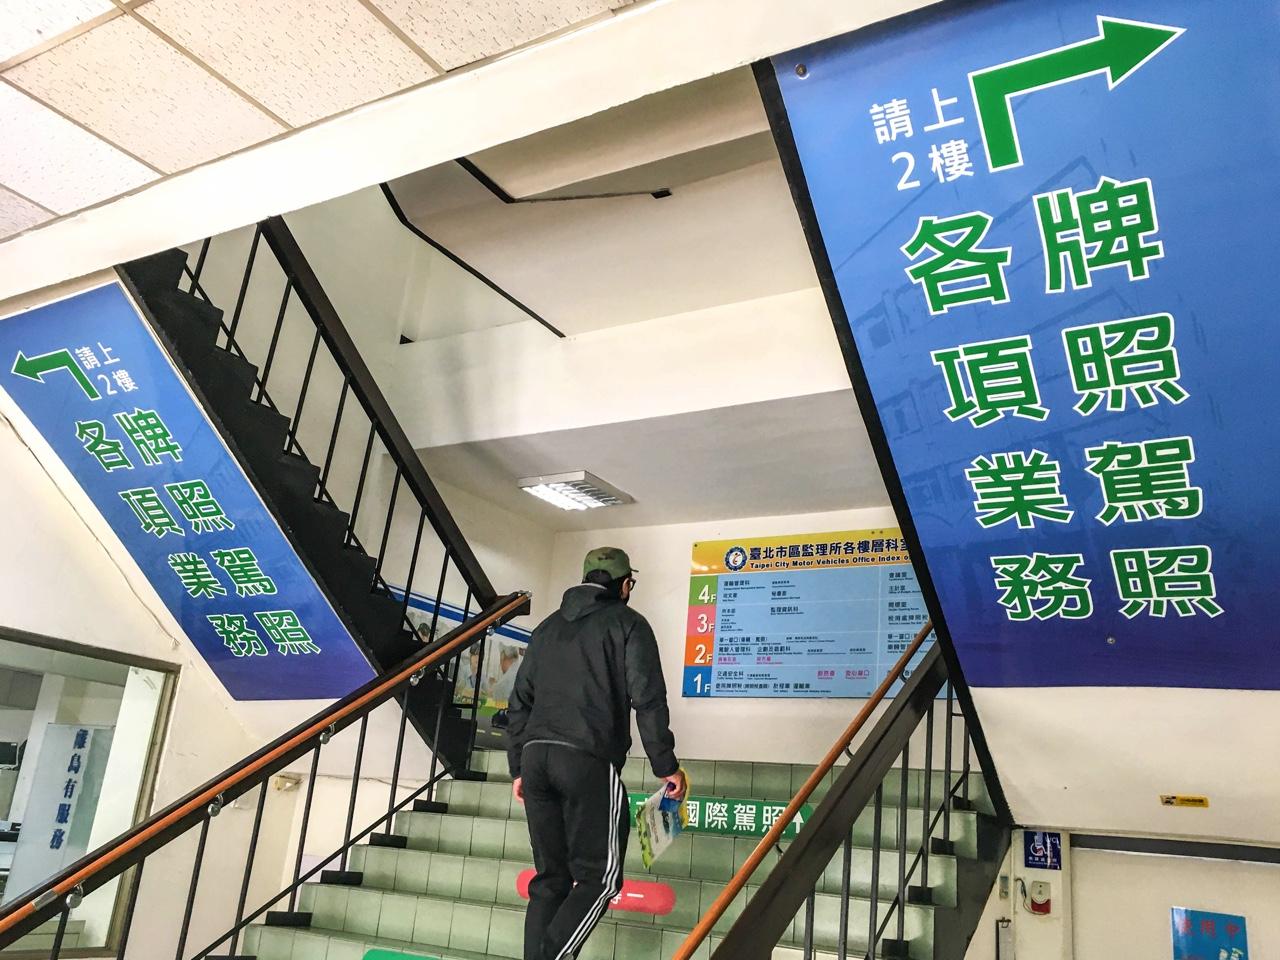 臺北市區監理所の階段